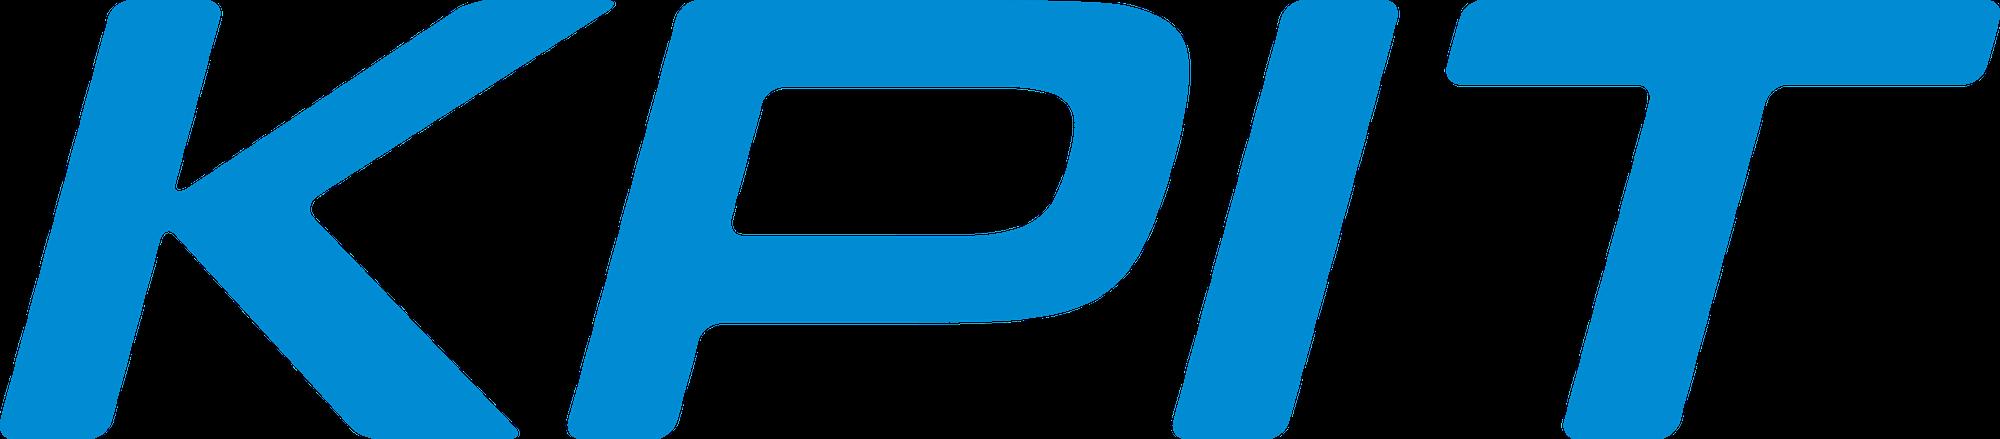 KPIT logo CMYK dpi